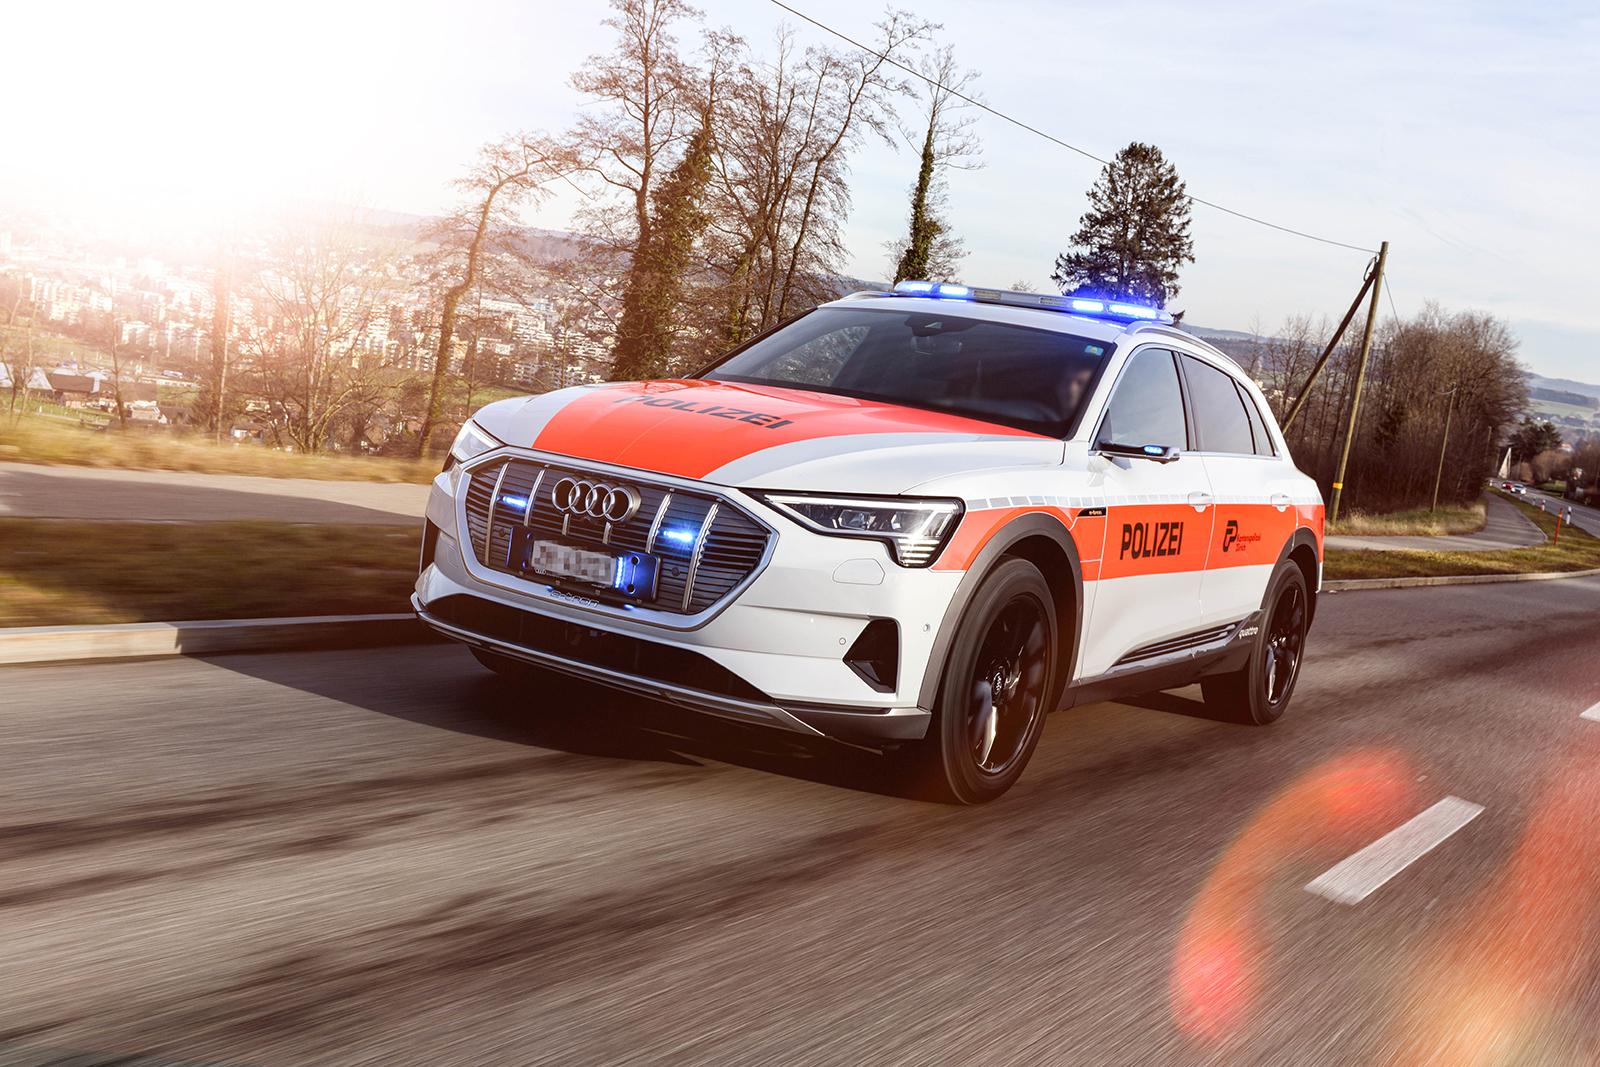 L'Audi e-tron della polizia cantonale di Zurigo all'opera. (Polizia cantonale di Zurigo)